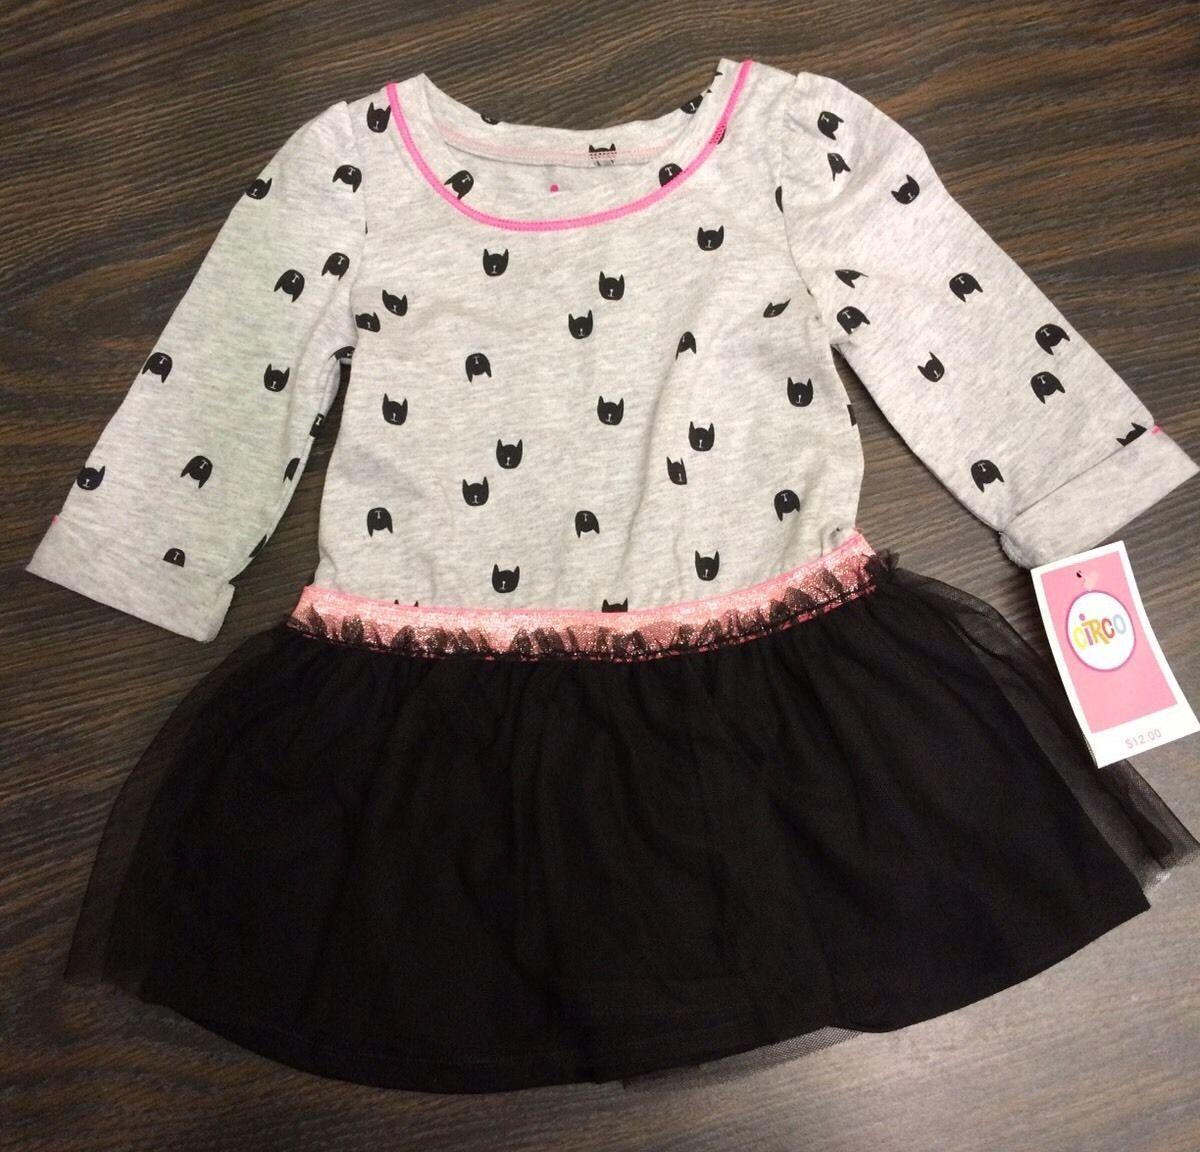 e886430d6 NWT Circo Cats Tutu Tulle Black Skirt Dress and 34 similar items. S l1600